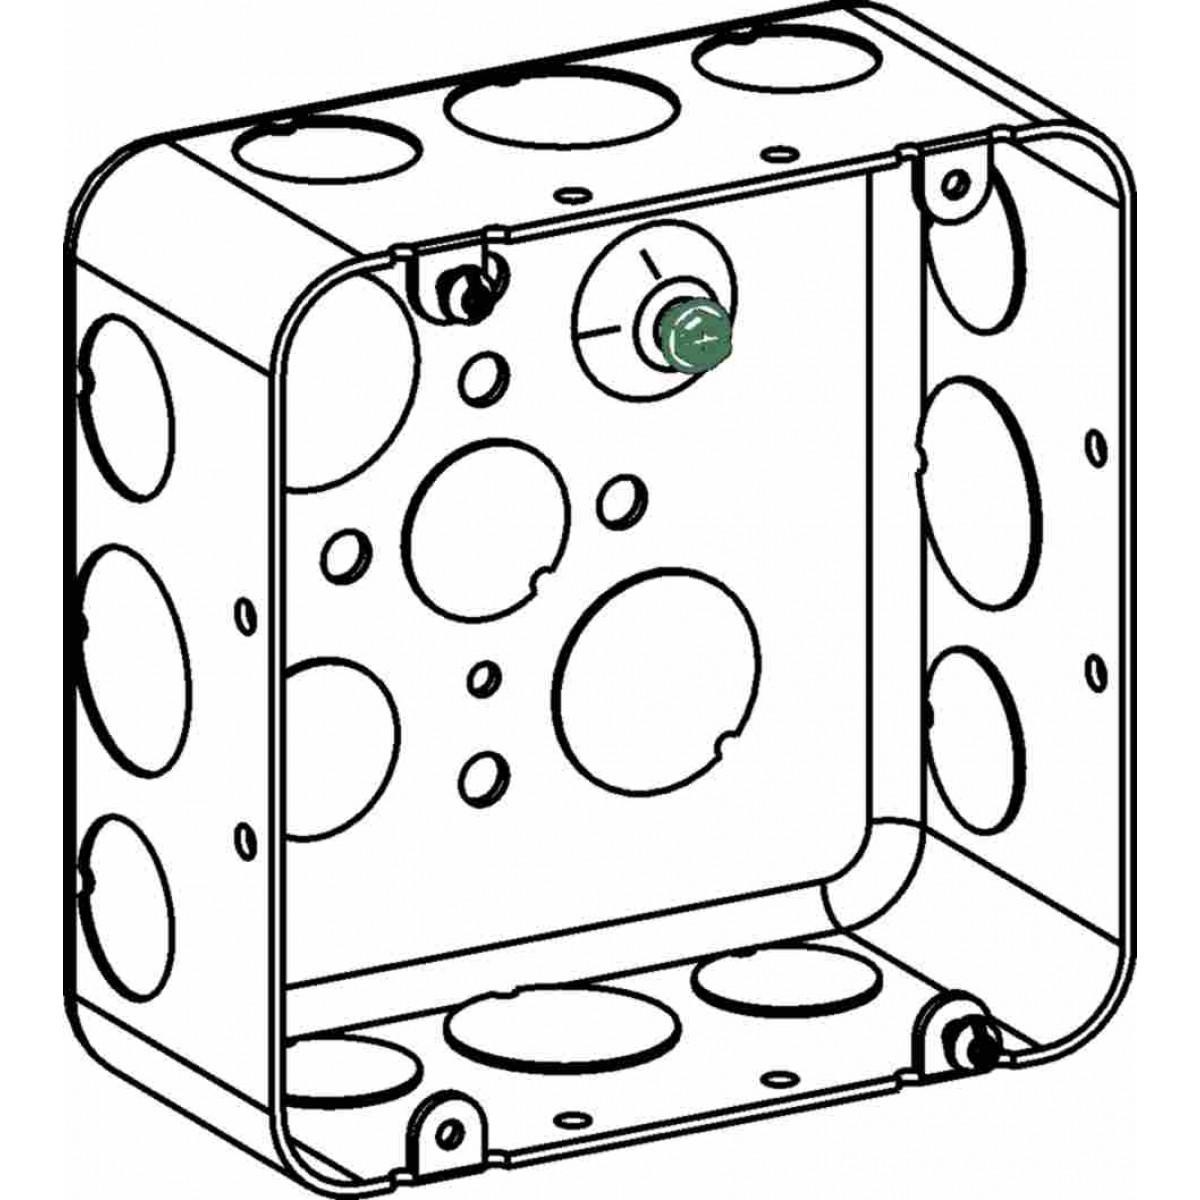 d5sdb-50  75 - 4-11  16 u201d  5s  boxes